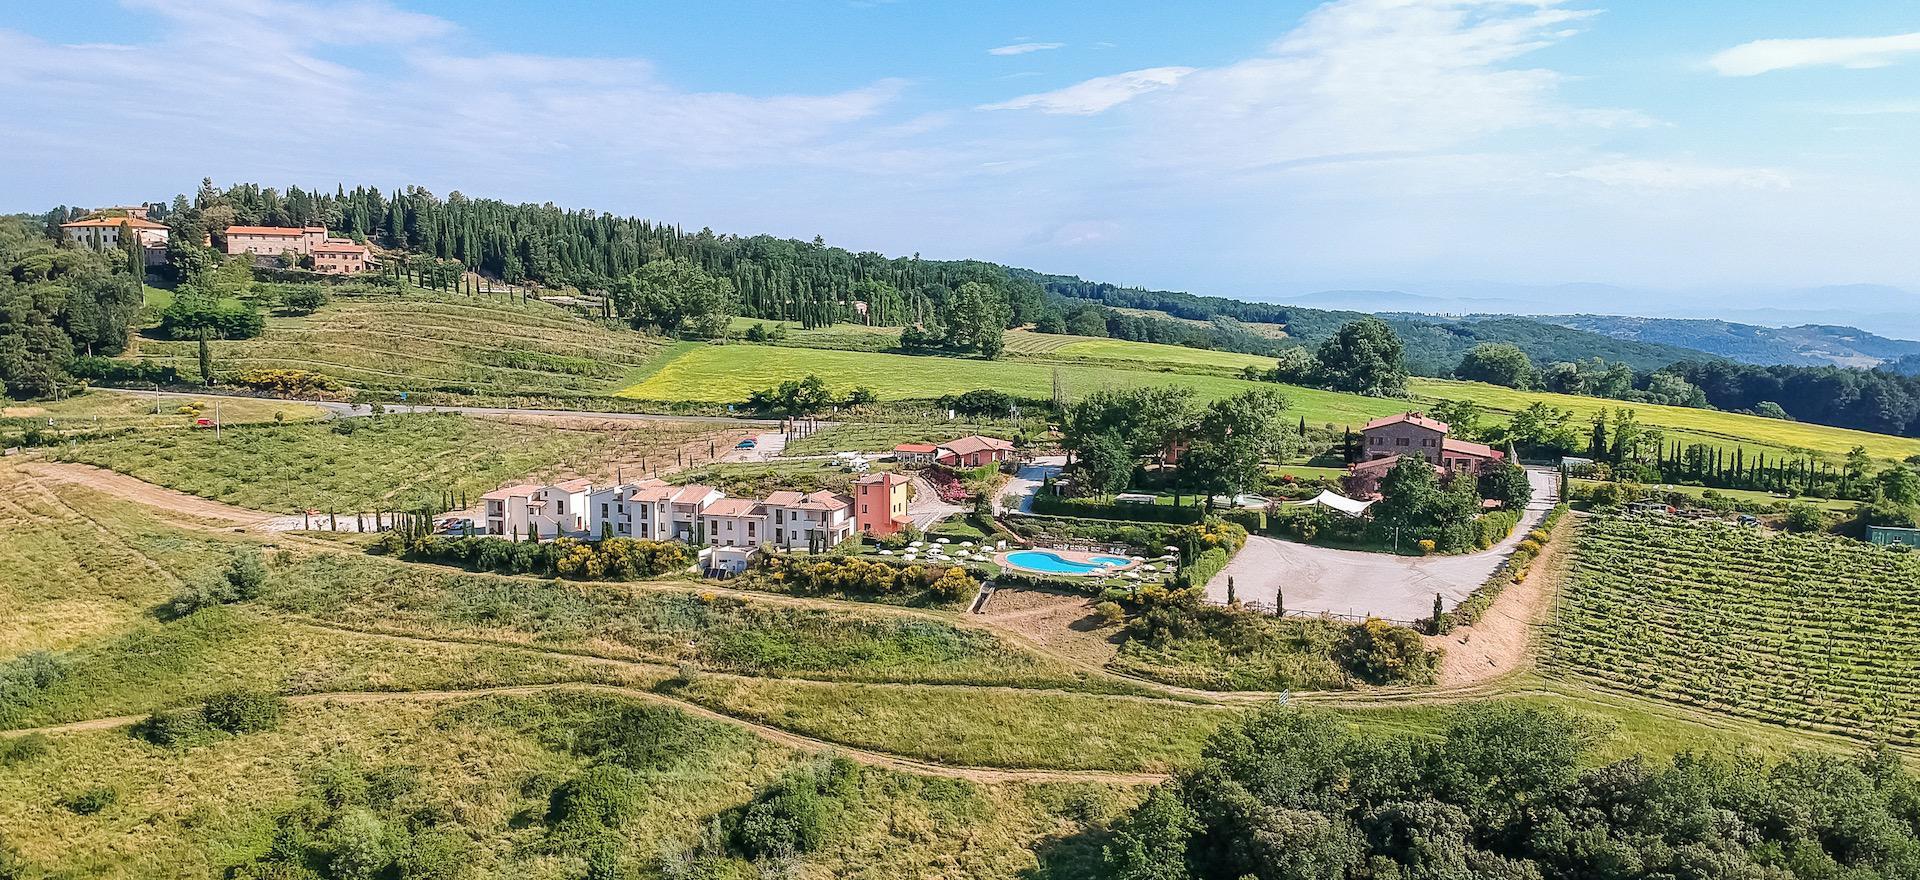 Grote agriturismo centraal in Toscane met prachtig uitzicht